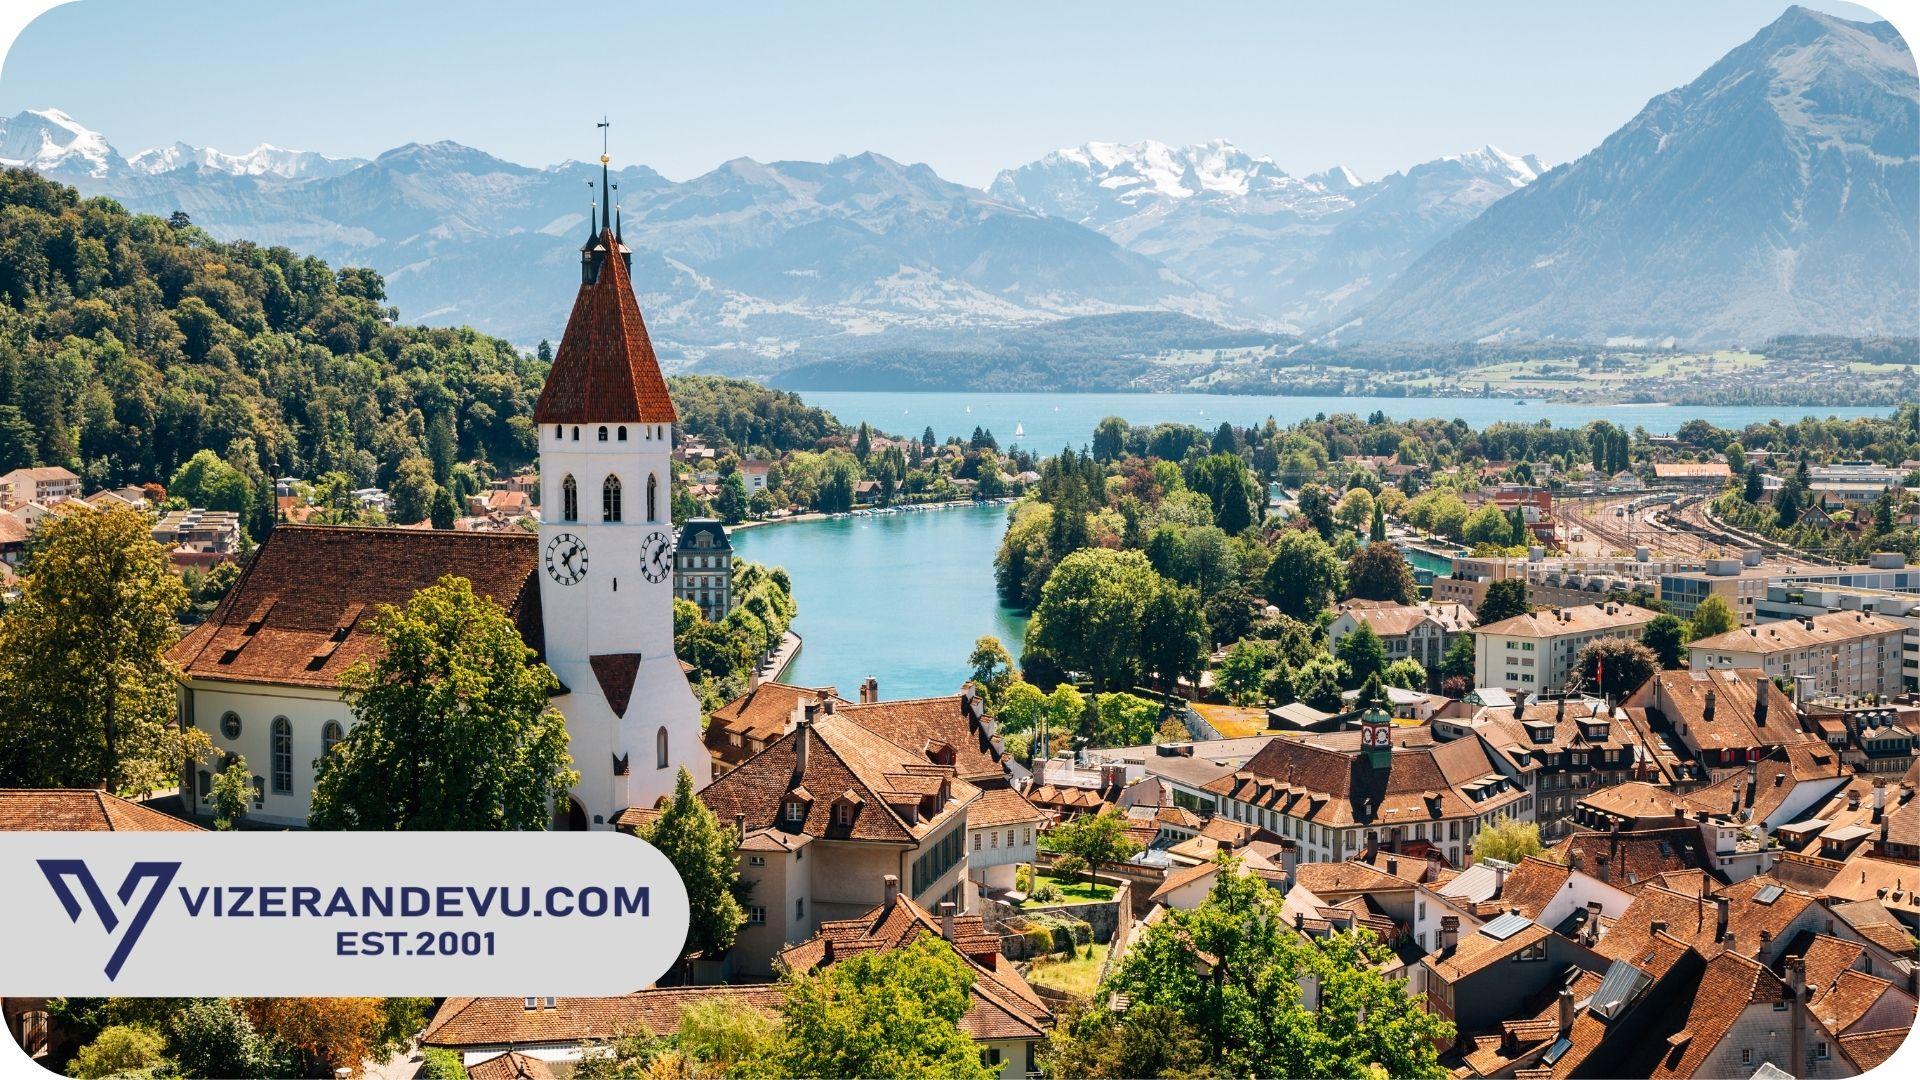 İsviçre Vize Ücretleri Ne Kadar? 1 – svicre vize ucretleri ne kadar 1